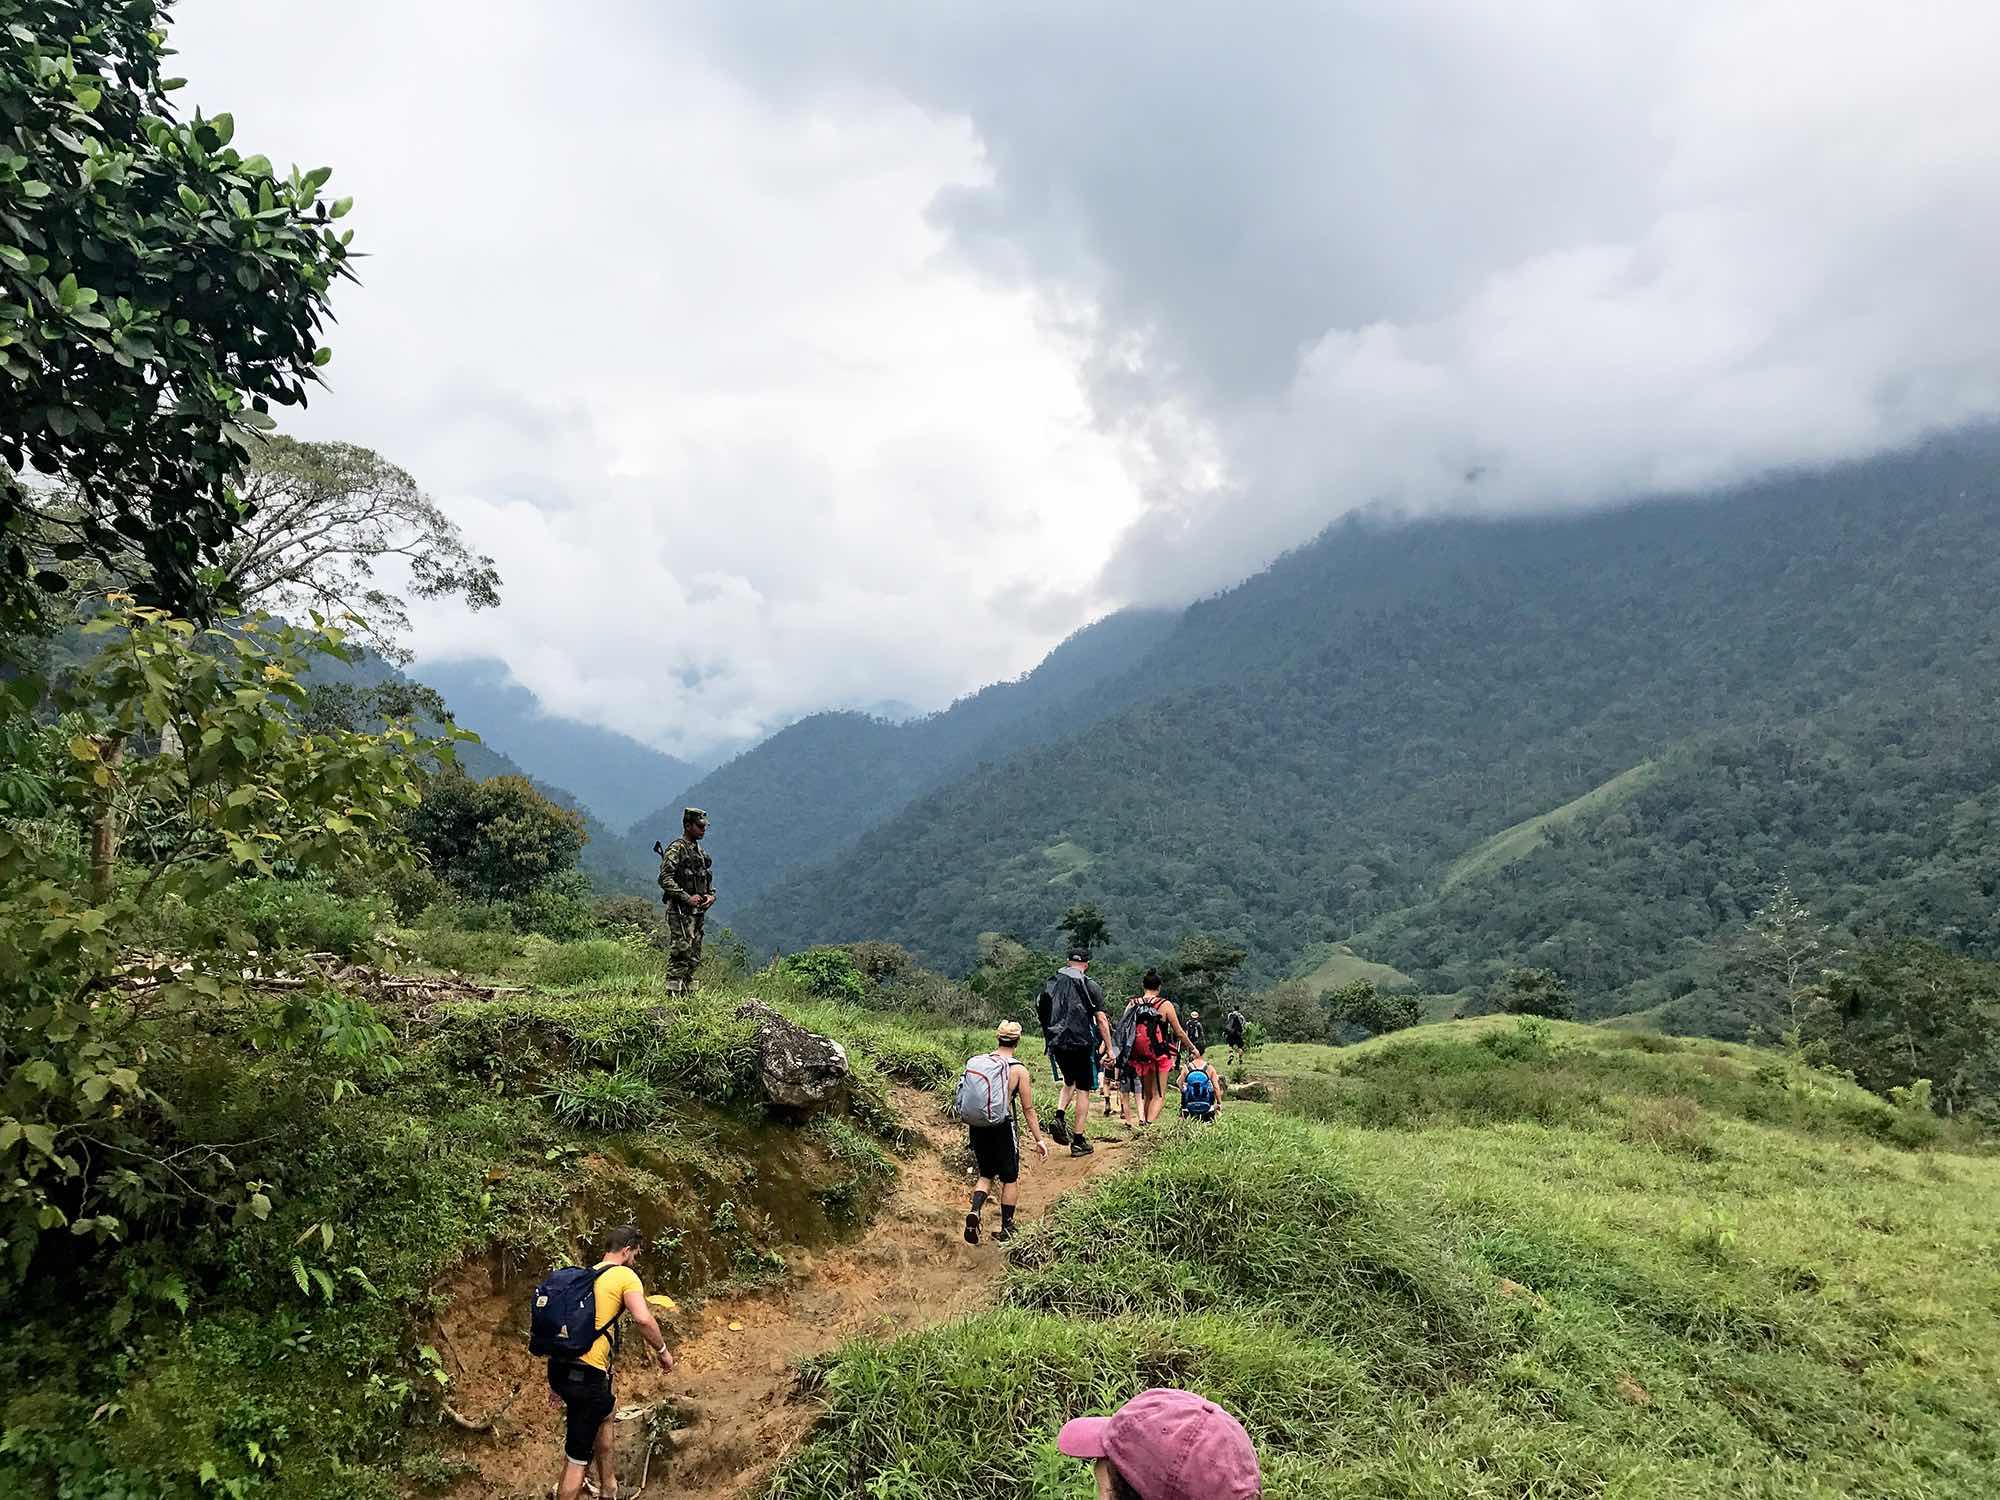 Lost-City-trek-Colombia-army.jpg